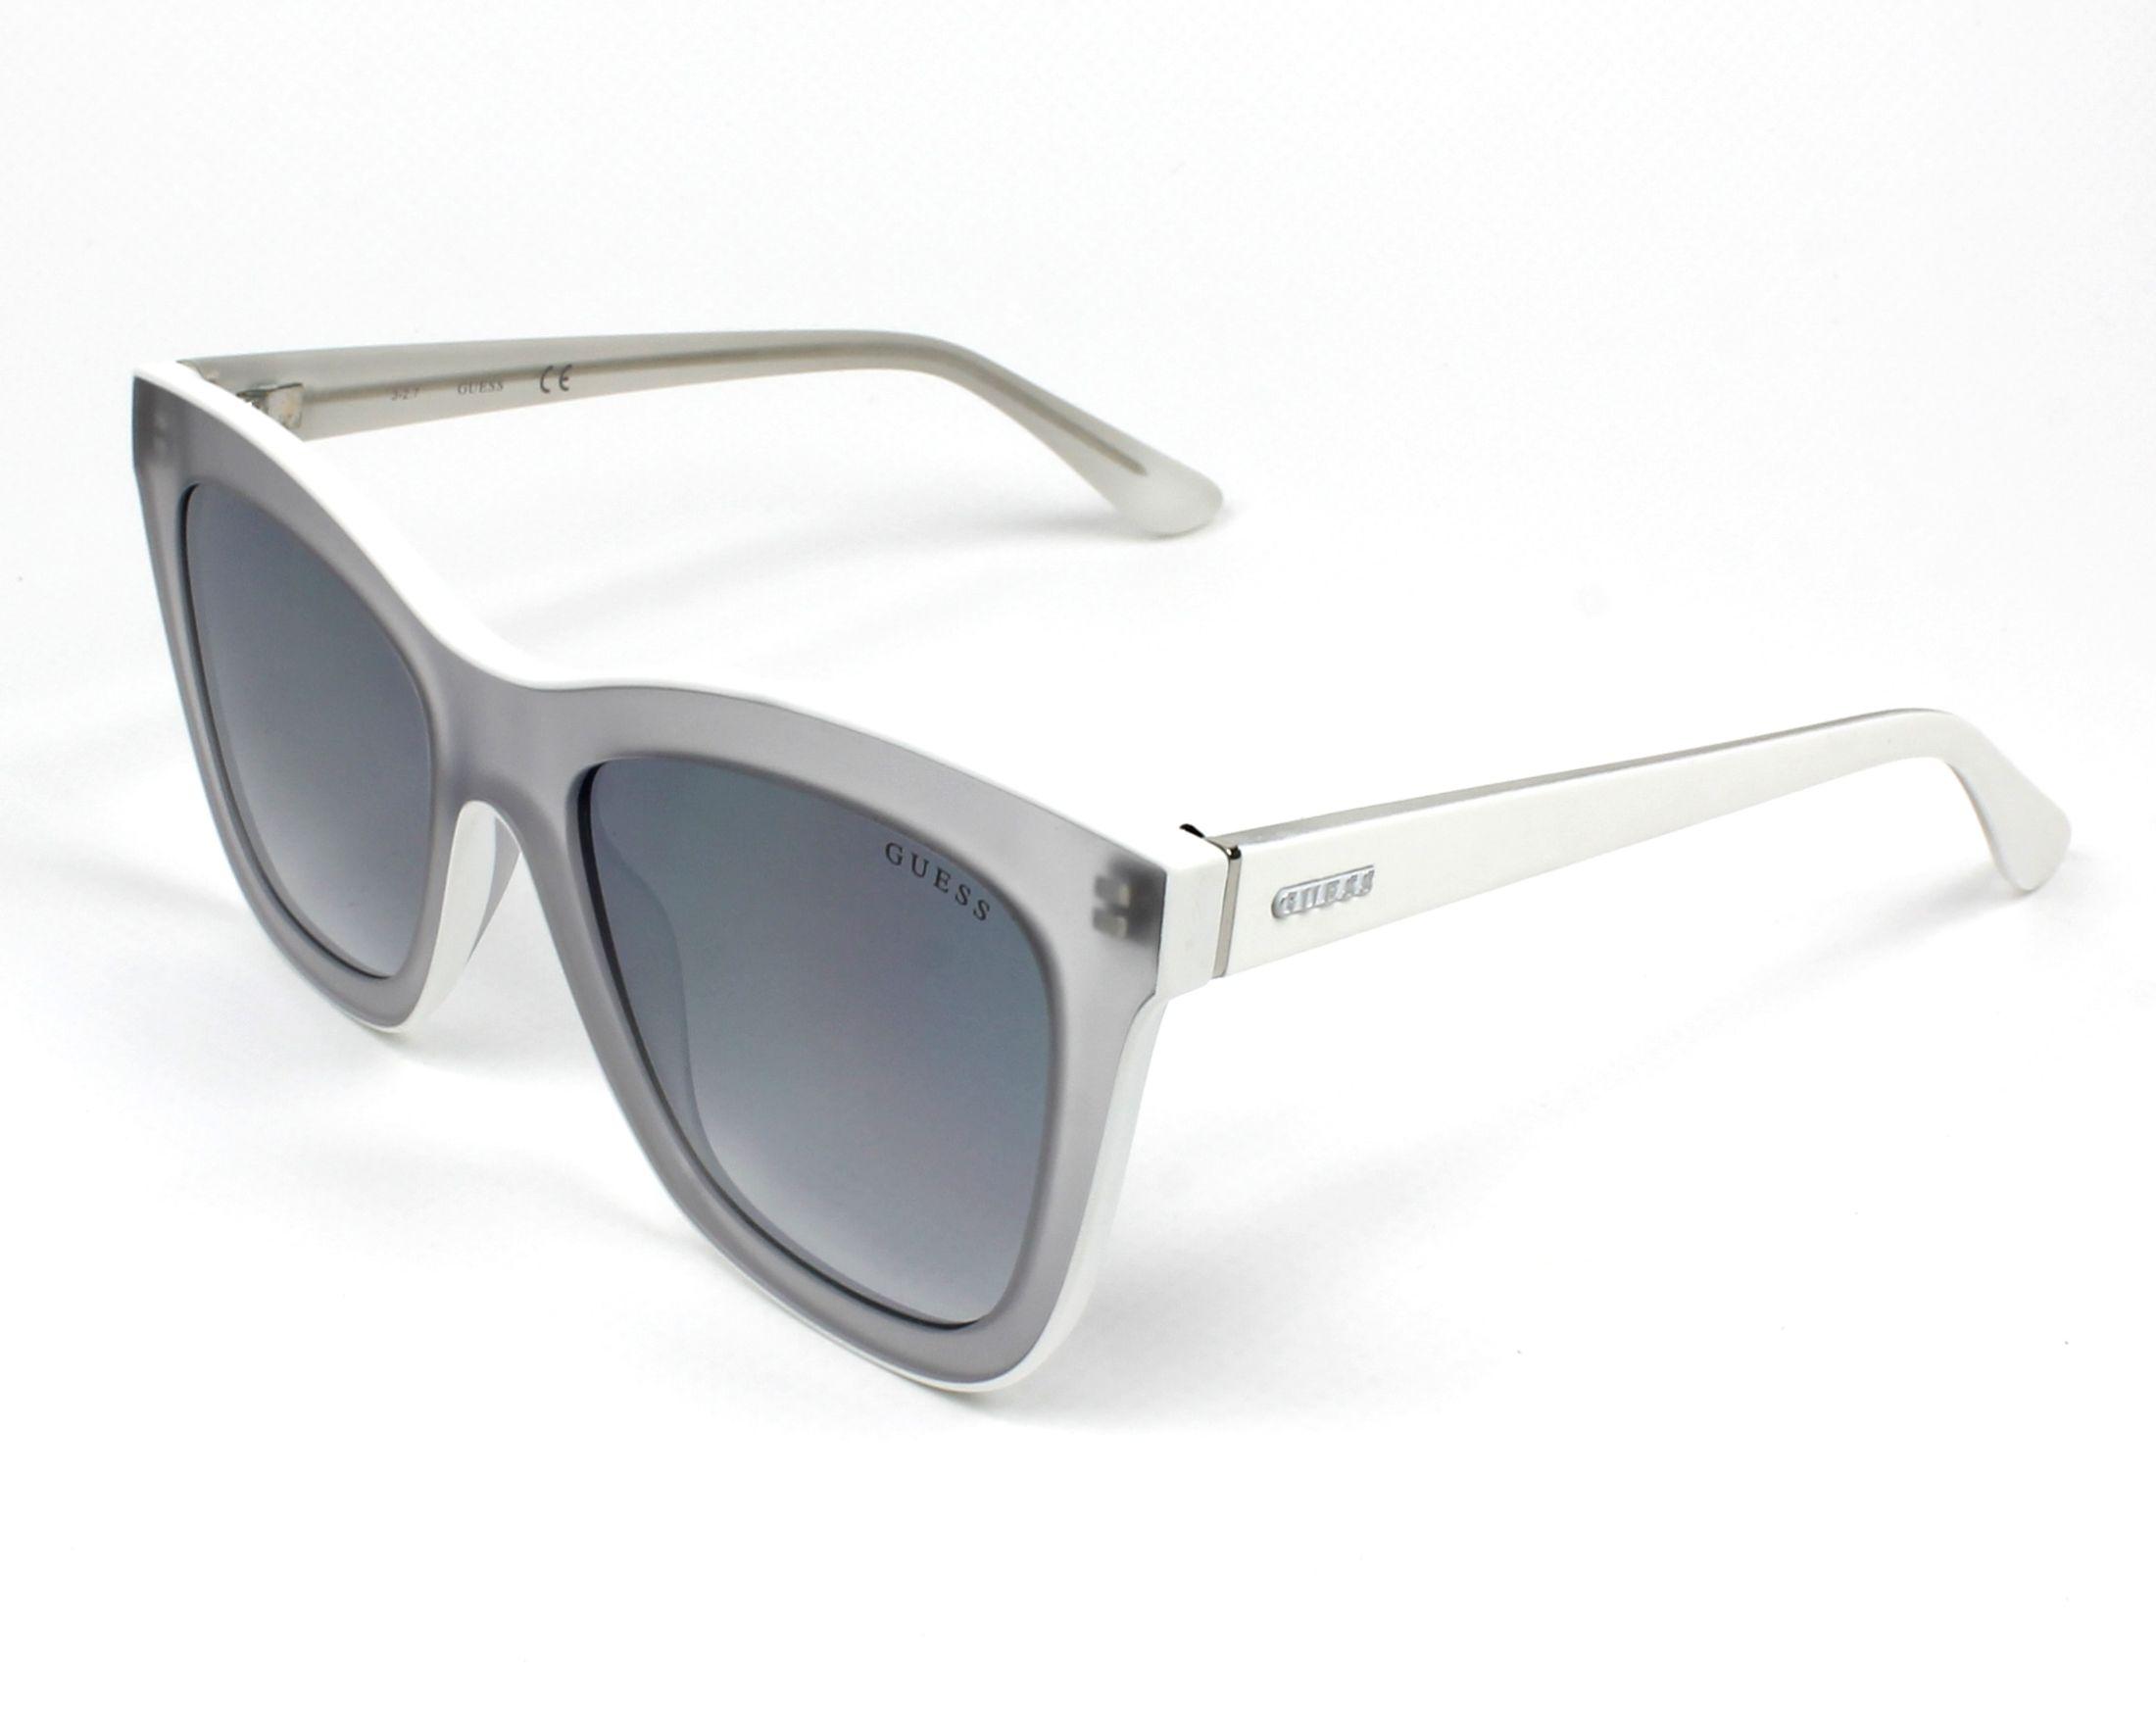 48f6572311b Sunglasses Guess GU-7526 26C 52-19 White White profile view